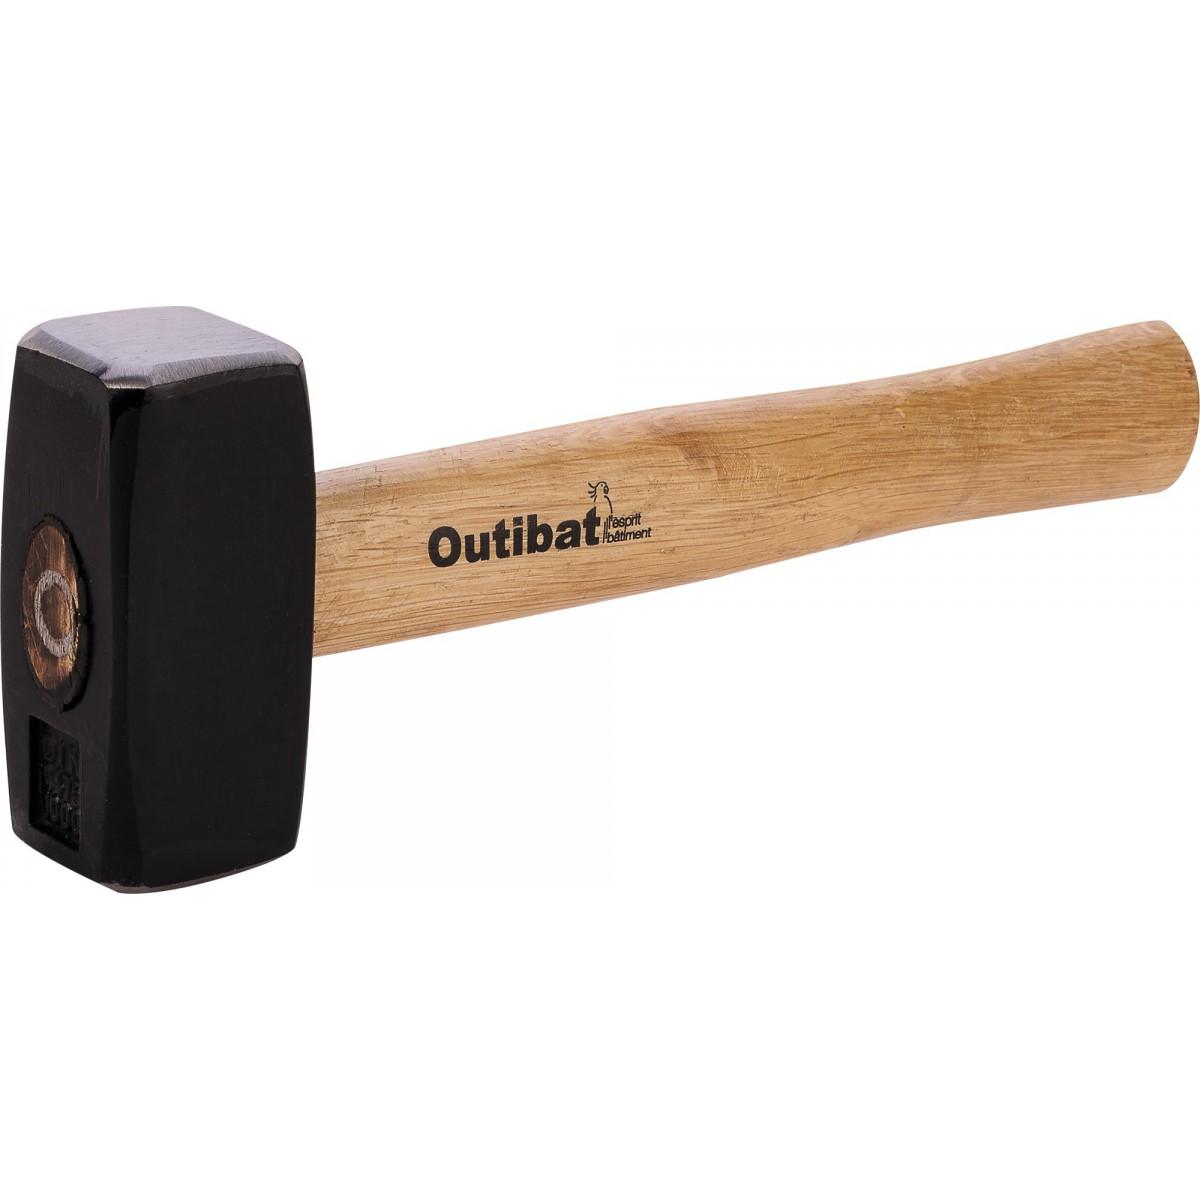 Massette carrée Outibat - Manche bois - 1 kg